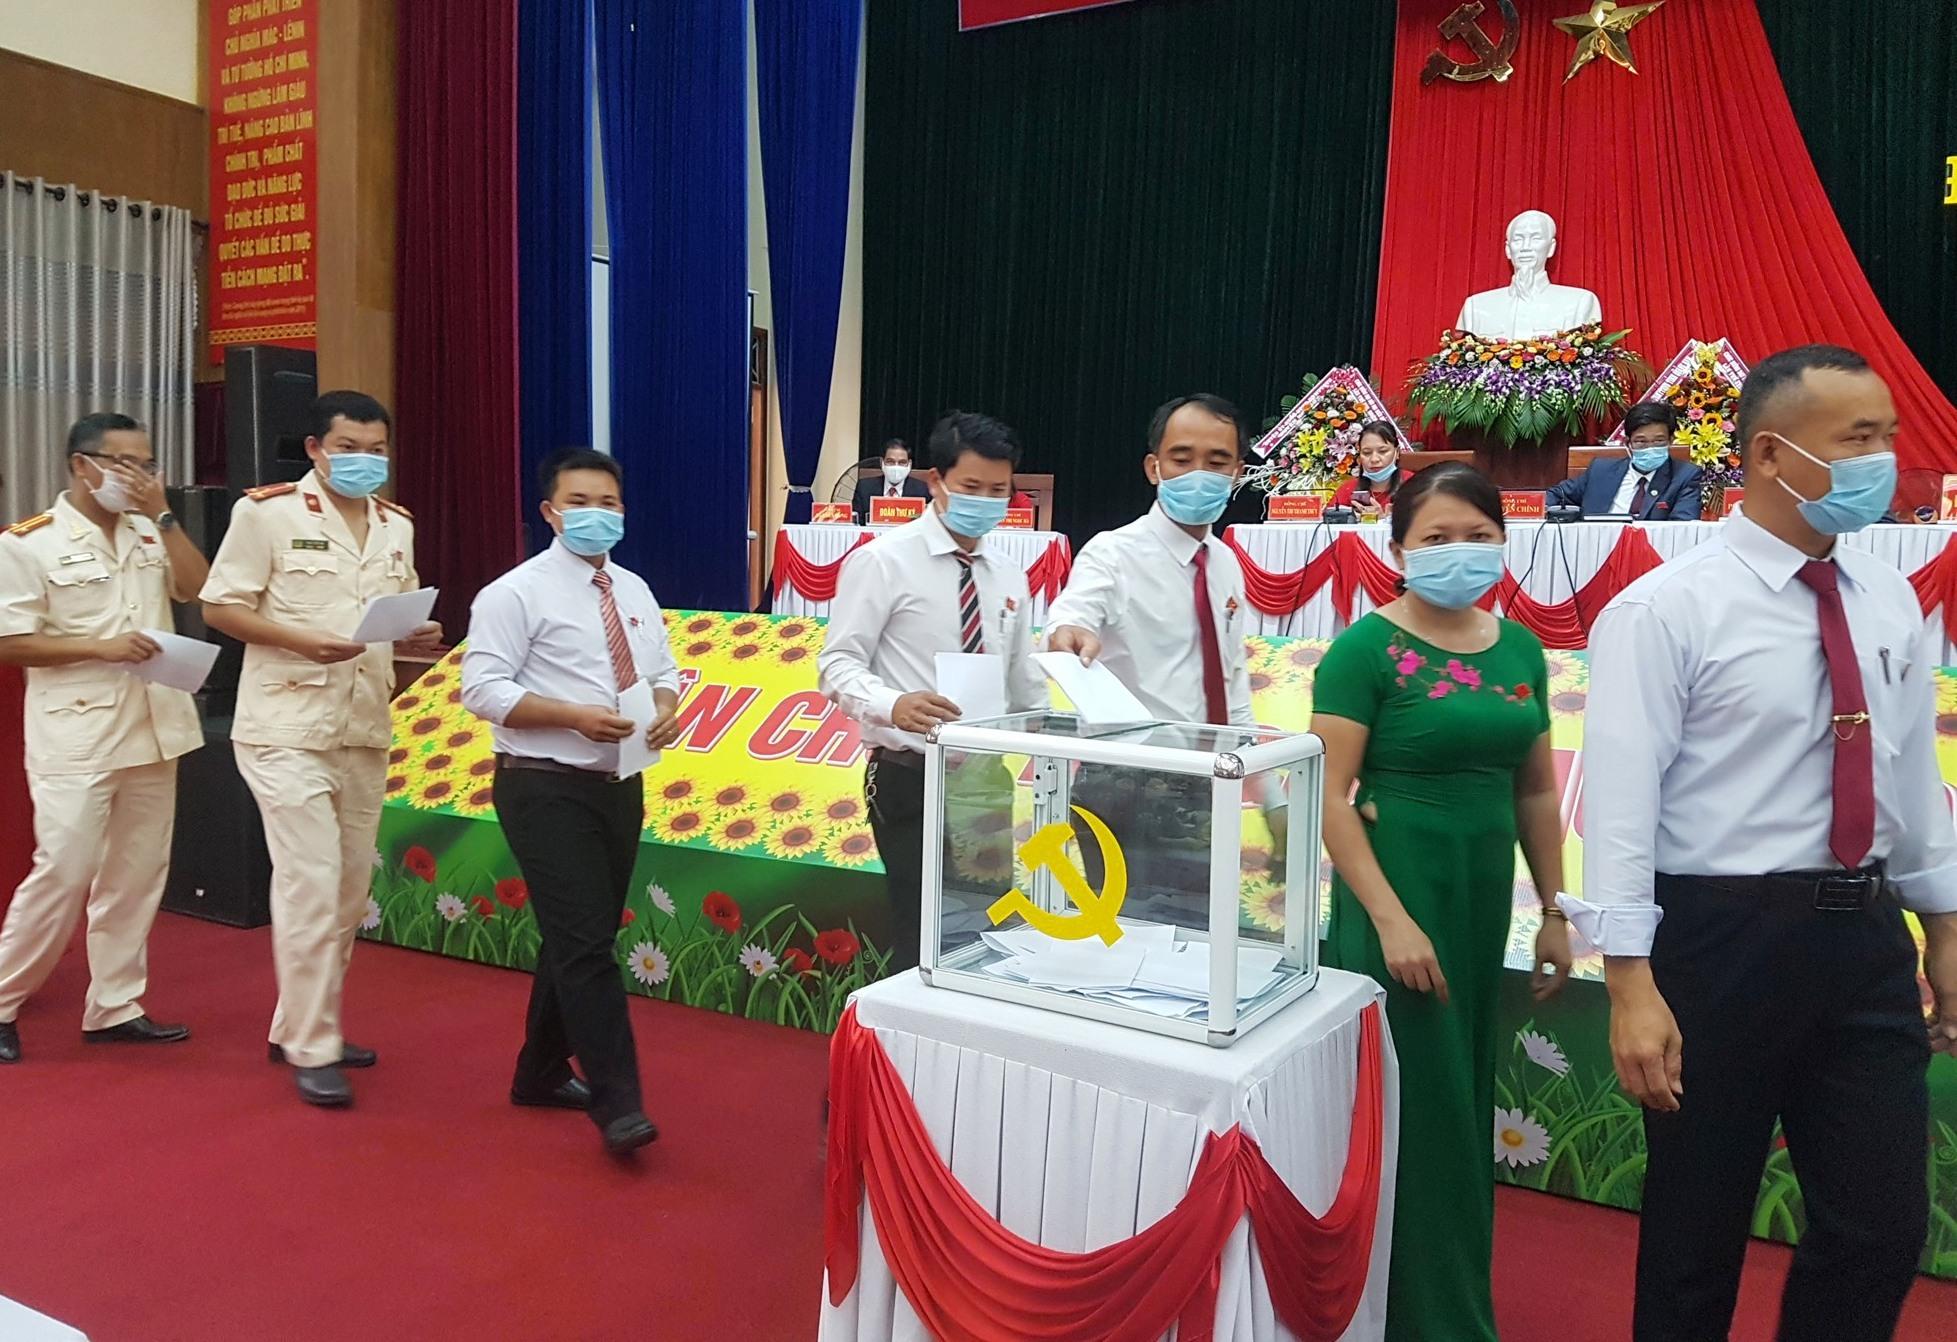 Đại biểu dự Đại hội bỏ phiếu bầu Ban chấp hành Đảng bộ huyện Tiên Phước nhiệm kỳ mới. Ảnh: D.L